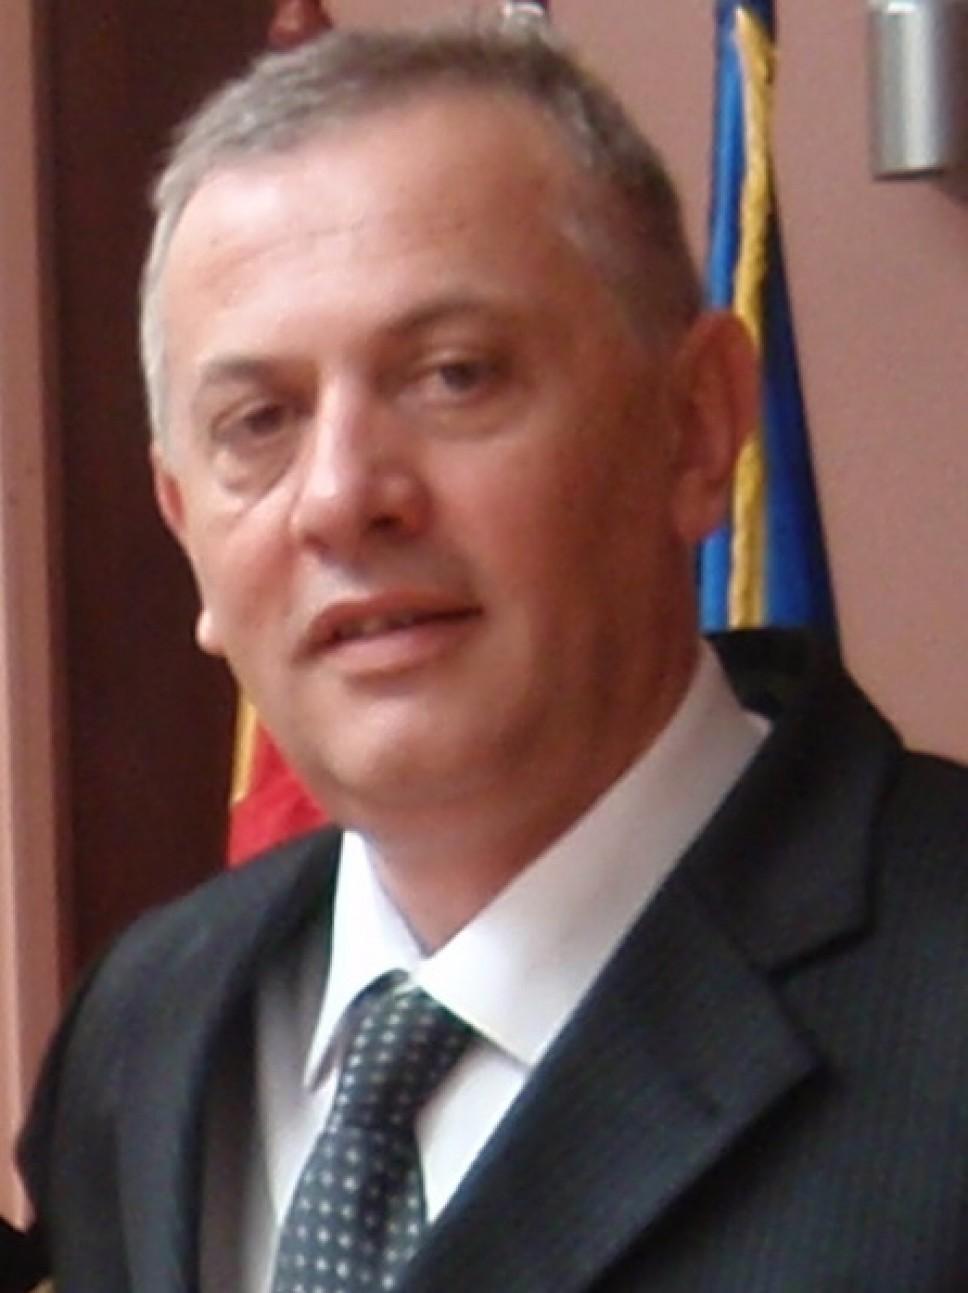 Biografija - Raičević Saša